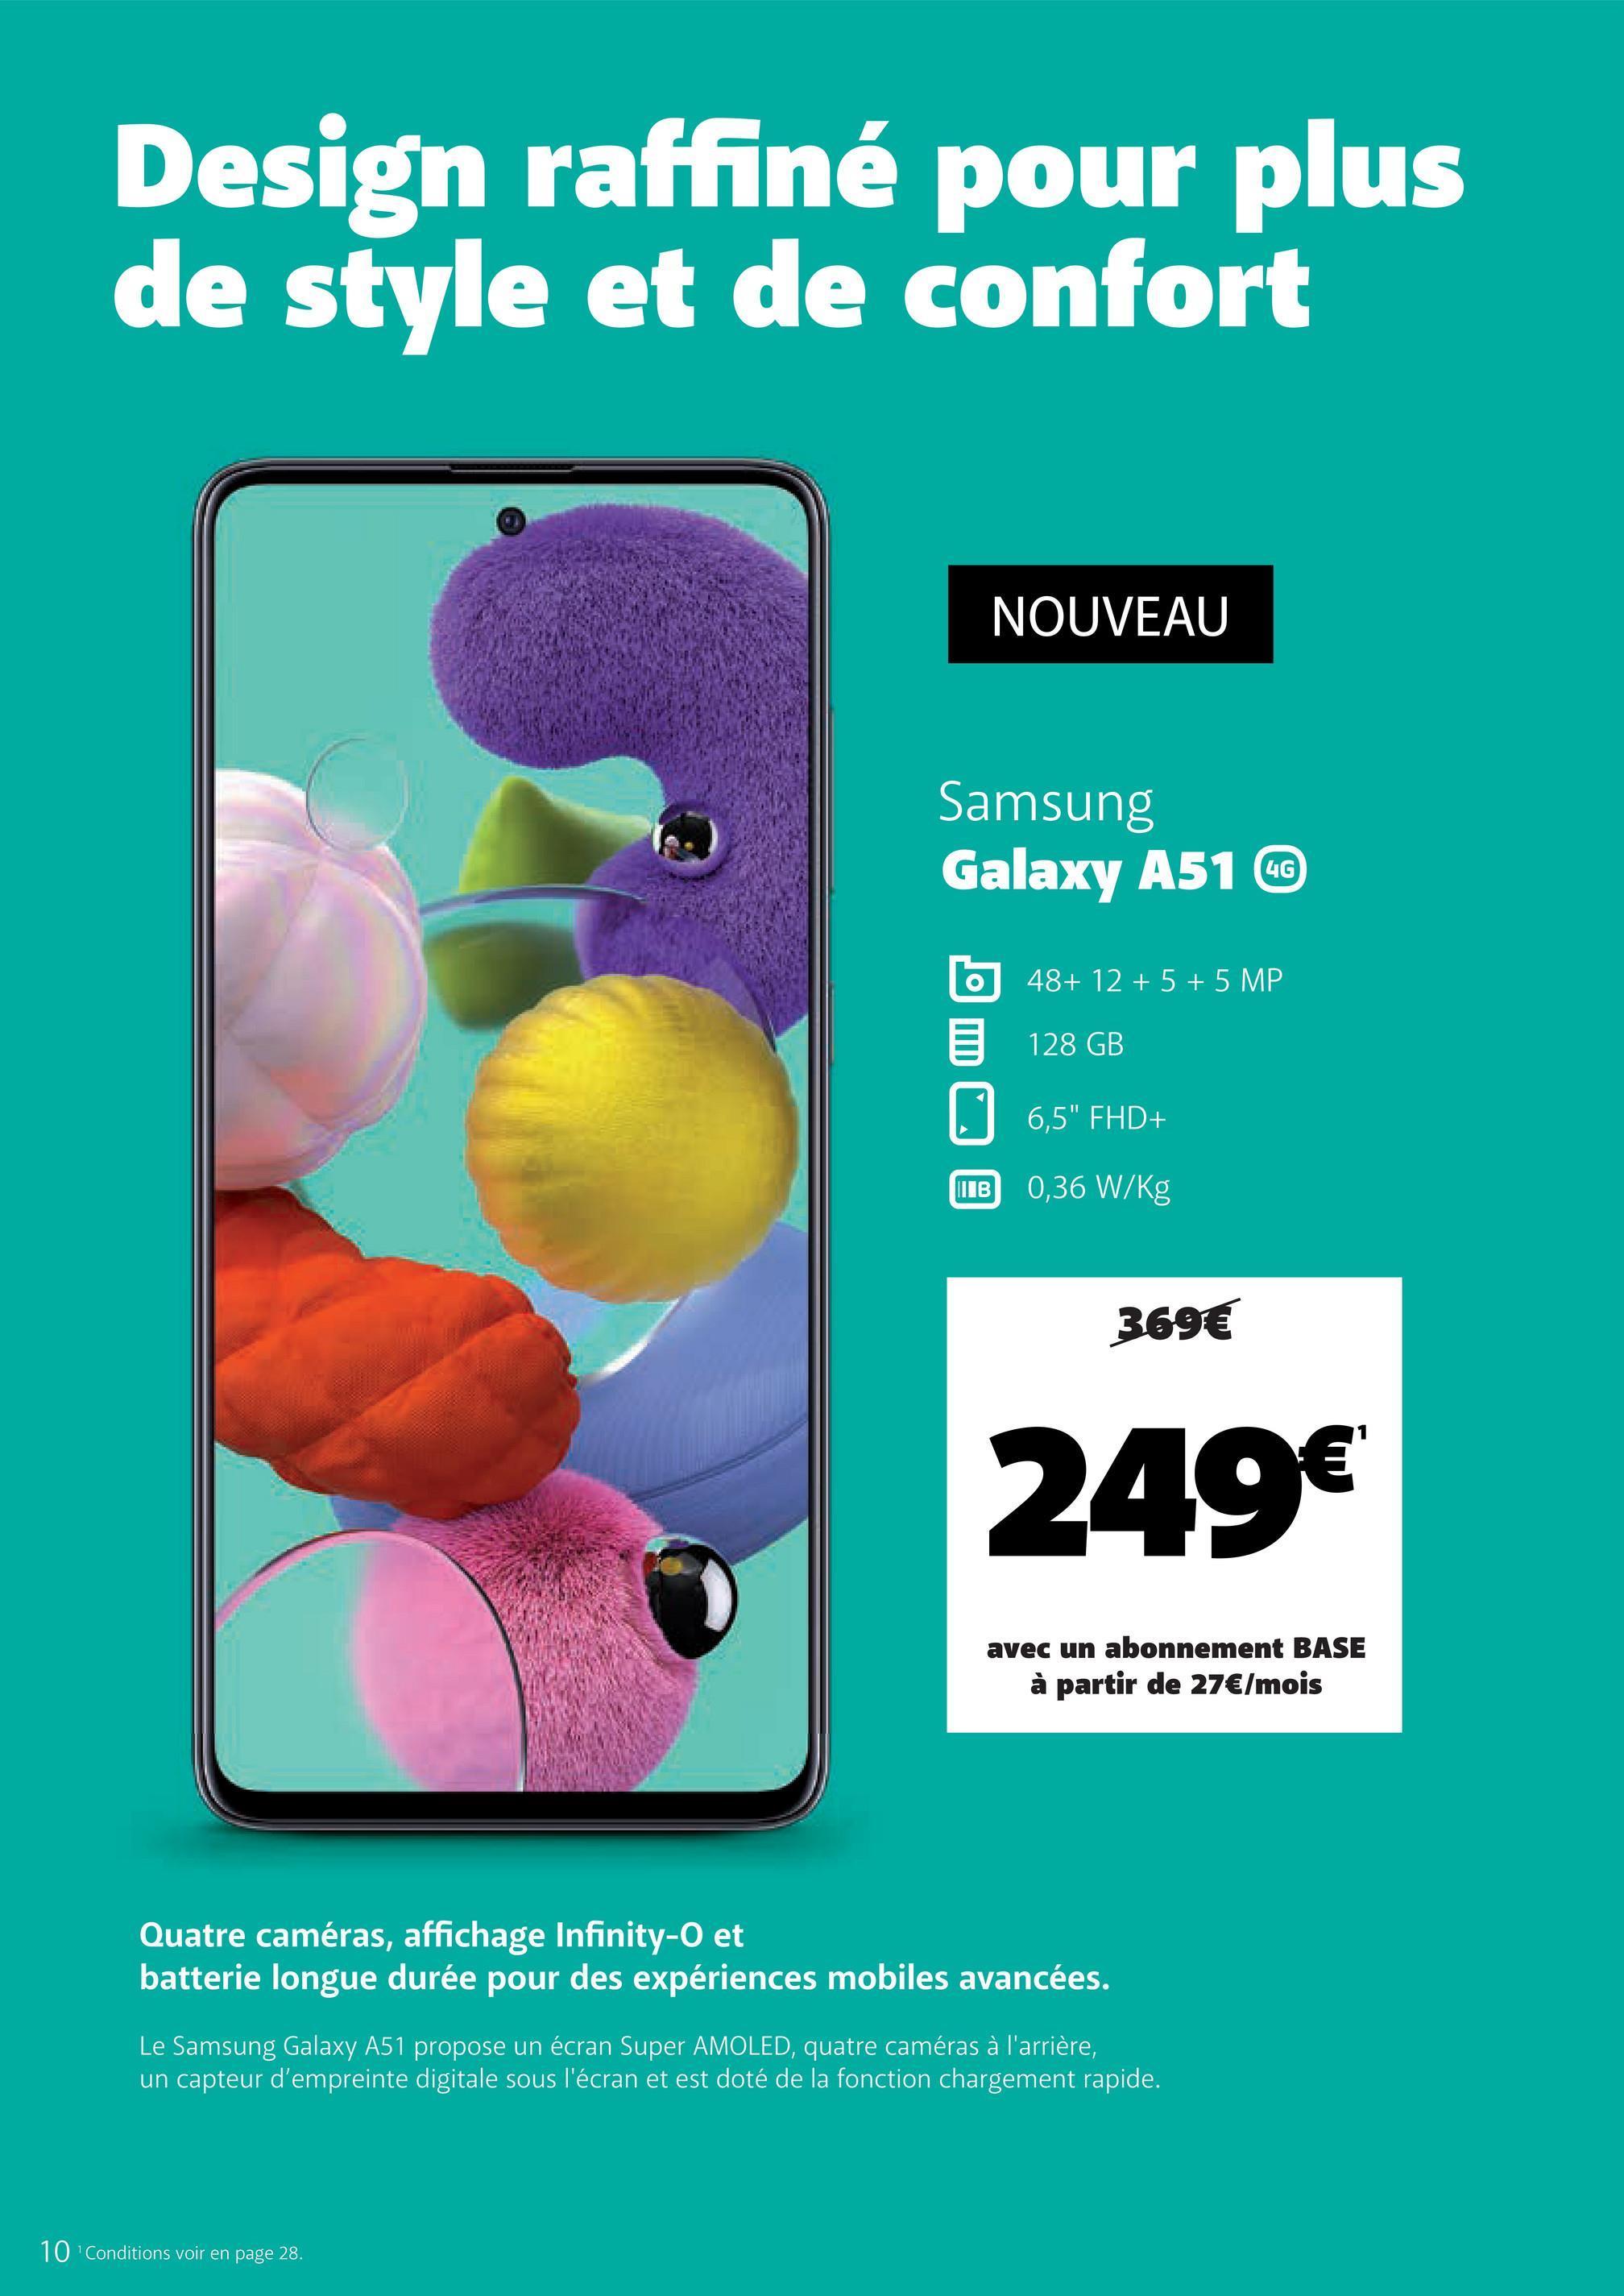 """Design raffiné pour plus de style et de confort NOUVEAU Samsung Galaxy A51 C b 48+ 12 + 5 + 5 MP 6 128 GB 96,5"""" FHD+ B 0,36 W/Kg 369€ 249€ avec un abonnement BASE à partir de 27€/mois Quatre caméras, affichage Infinity-O et batterie longue durée pour des expériences mobiles avancées. Le Samsung Galaxy A51 propose un écran Super AMOLED, quatre caméras à l'arrière, un capteur d'empreinte digitale sous l'écran et est doté de la fonction chargement rapide. 10 Conditions voir en page 28."""